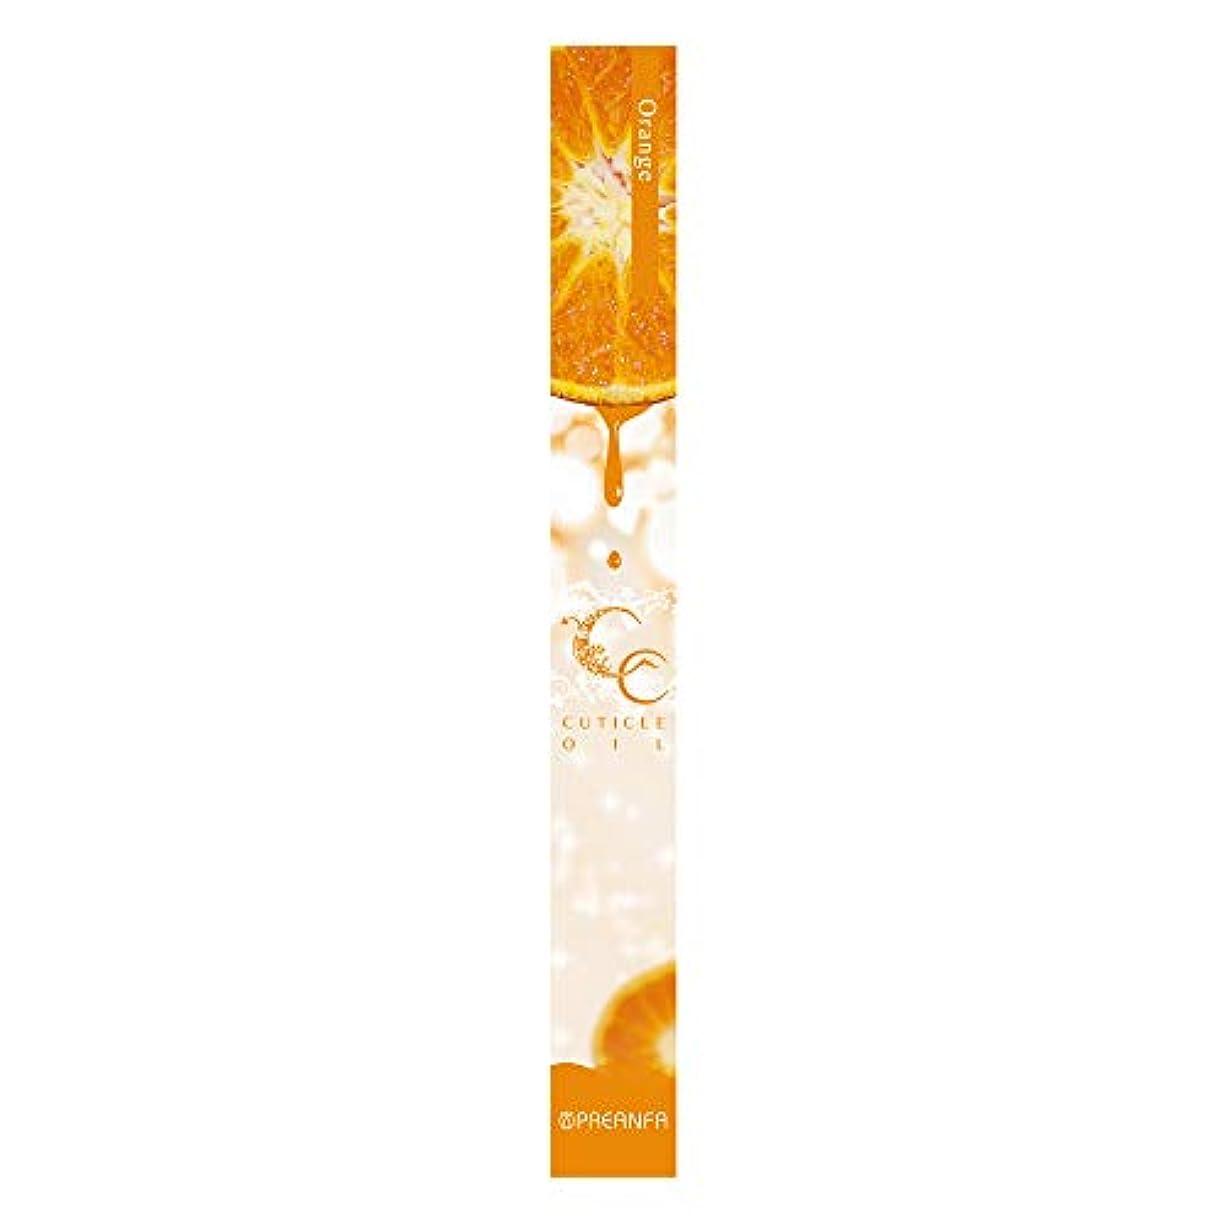 稼ぐ悪化するパラシュートプリジェル 甘皮ケア CCキューティクルオイル オレンジ 4.5g 保湿オイル ペンタイプ